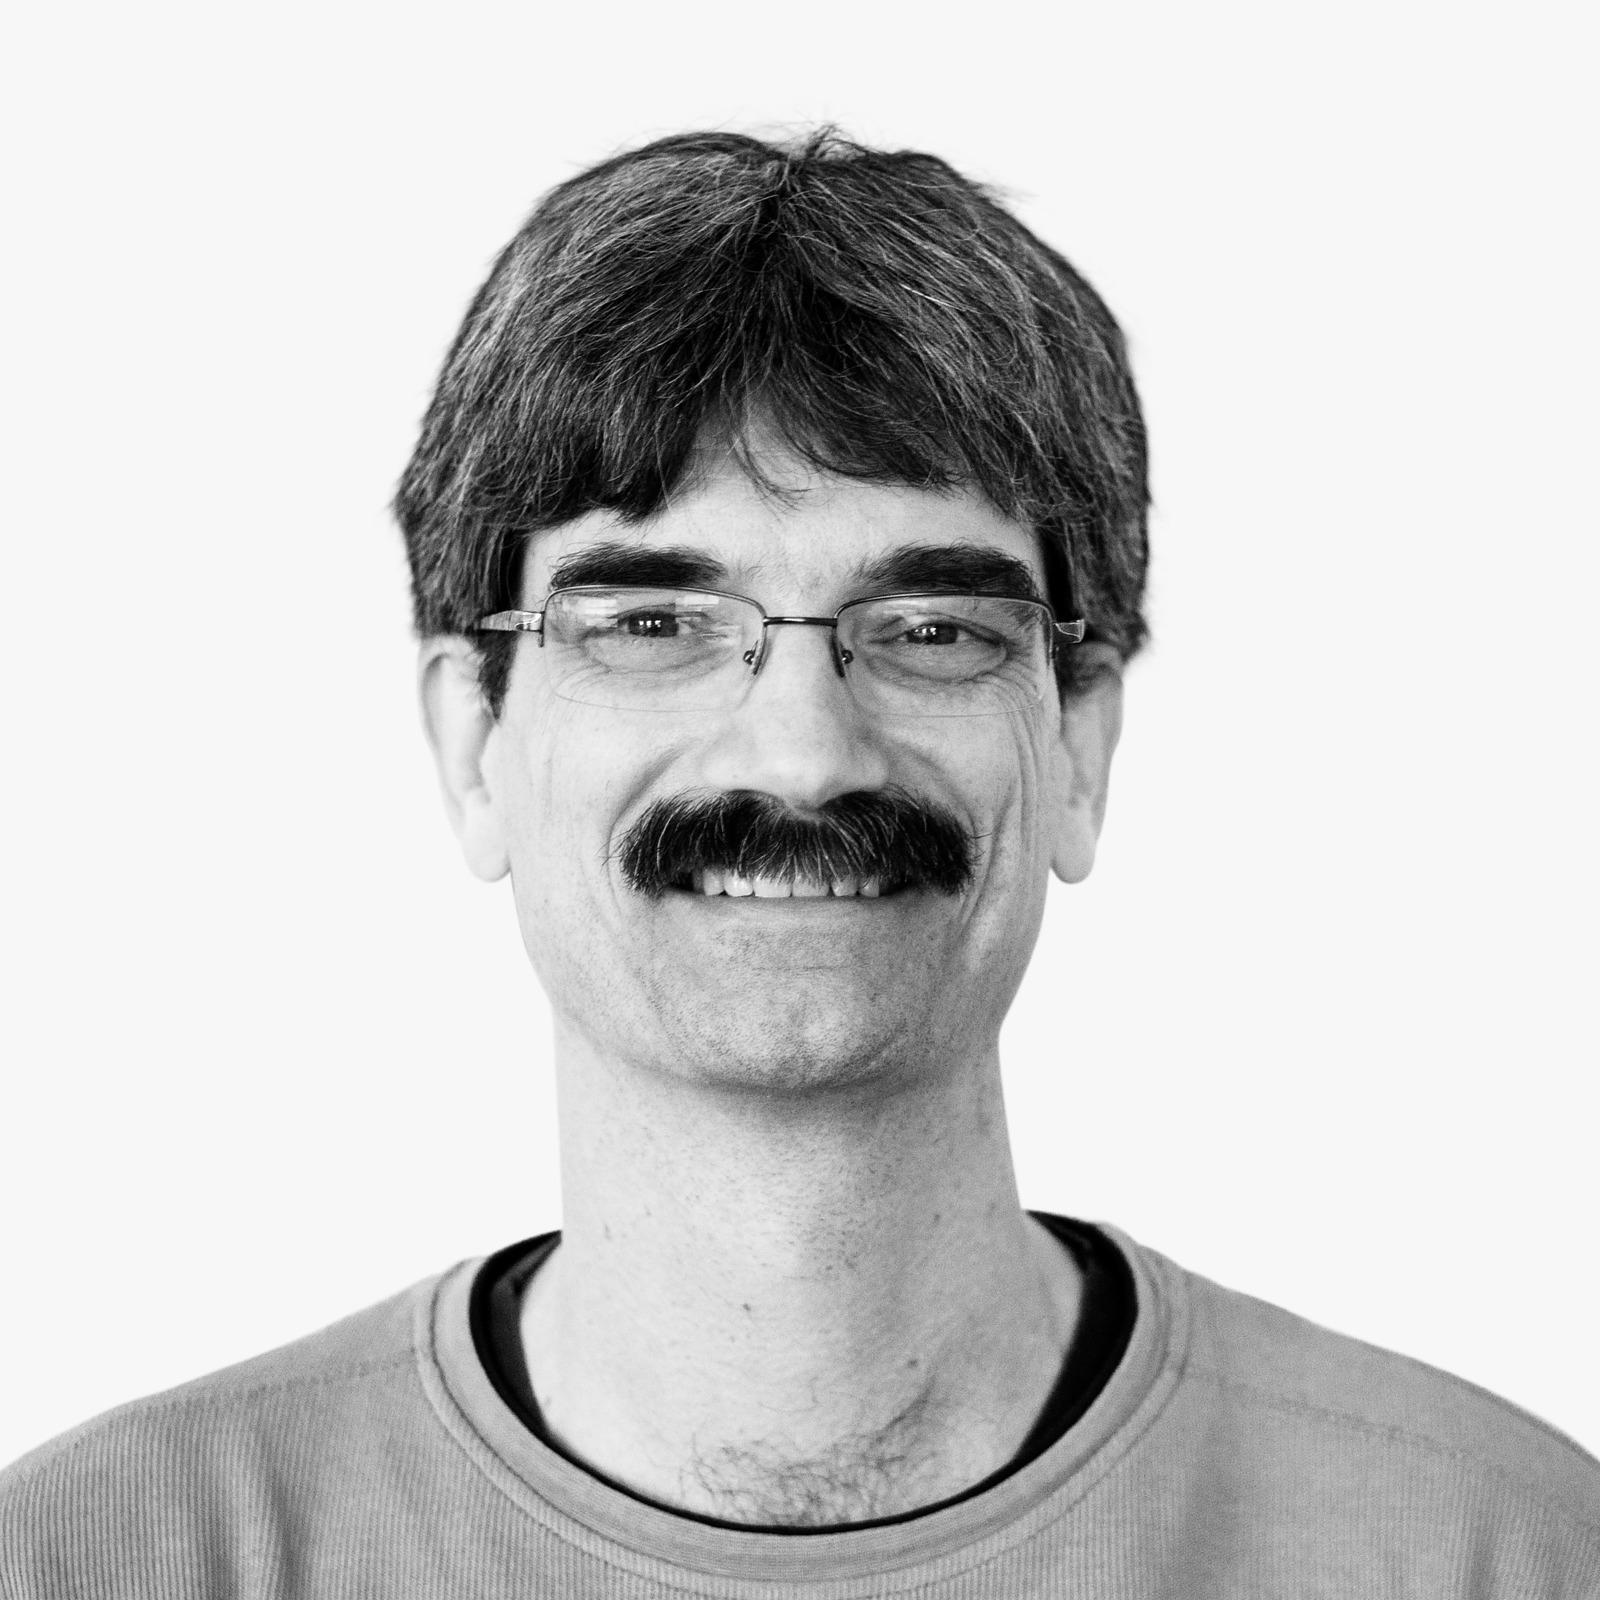 Portrait of Stefan Bodewig